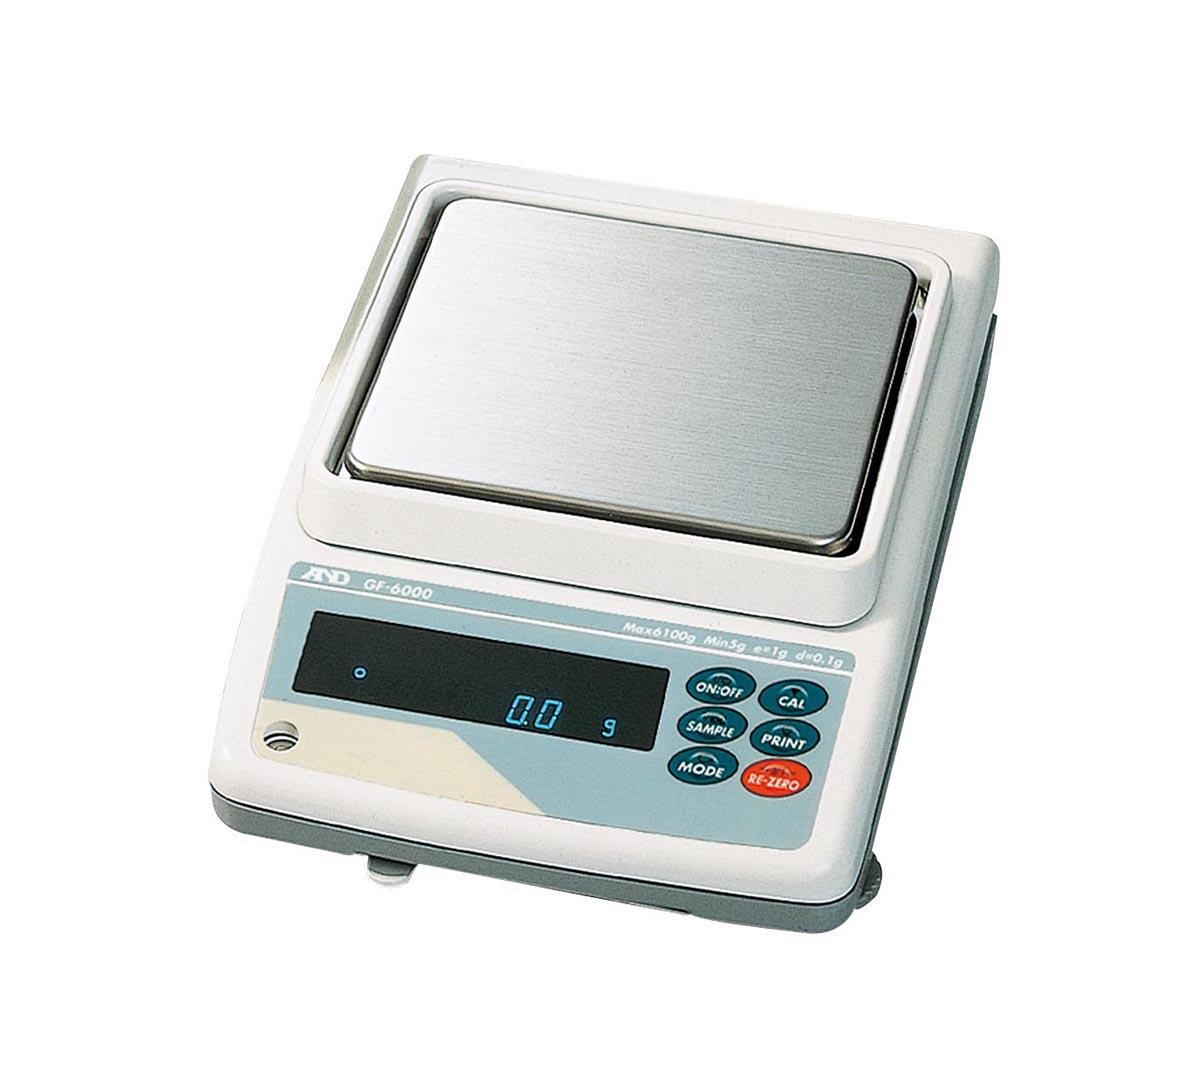 エー・アンド・デイ 電子てんびん GF-8000